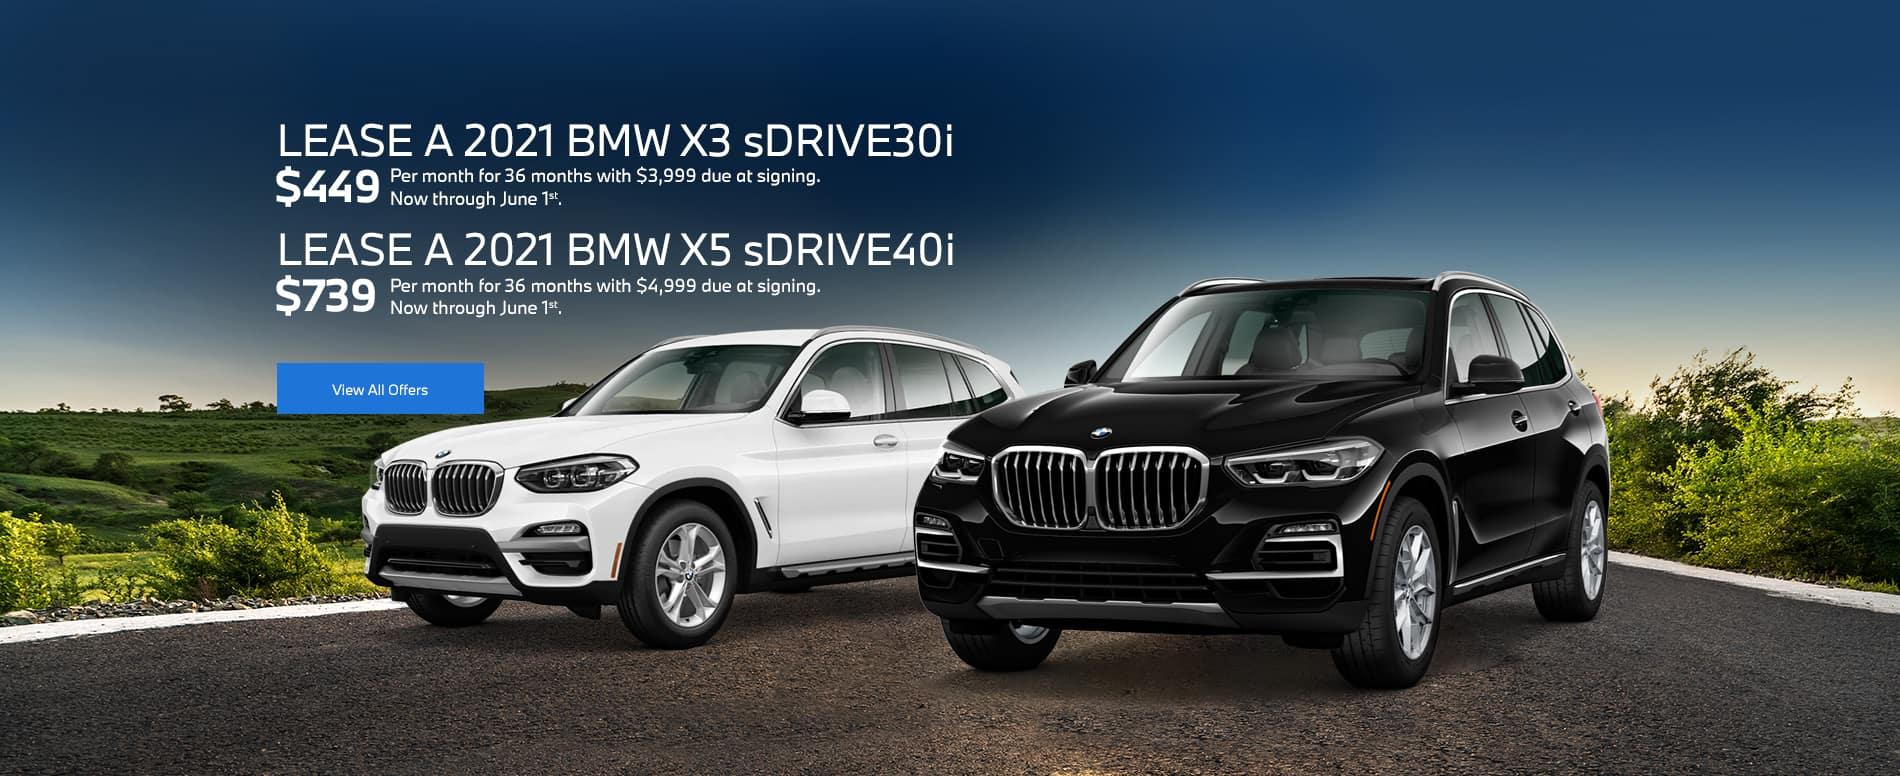 2021 BMW X3 and 2021 X5 BMW